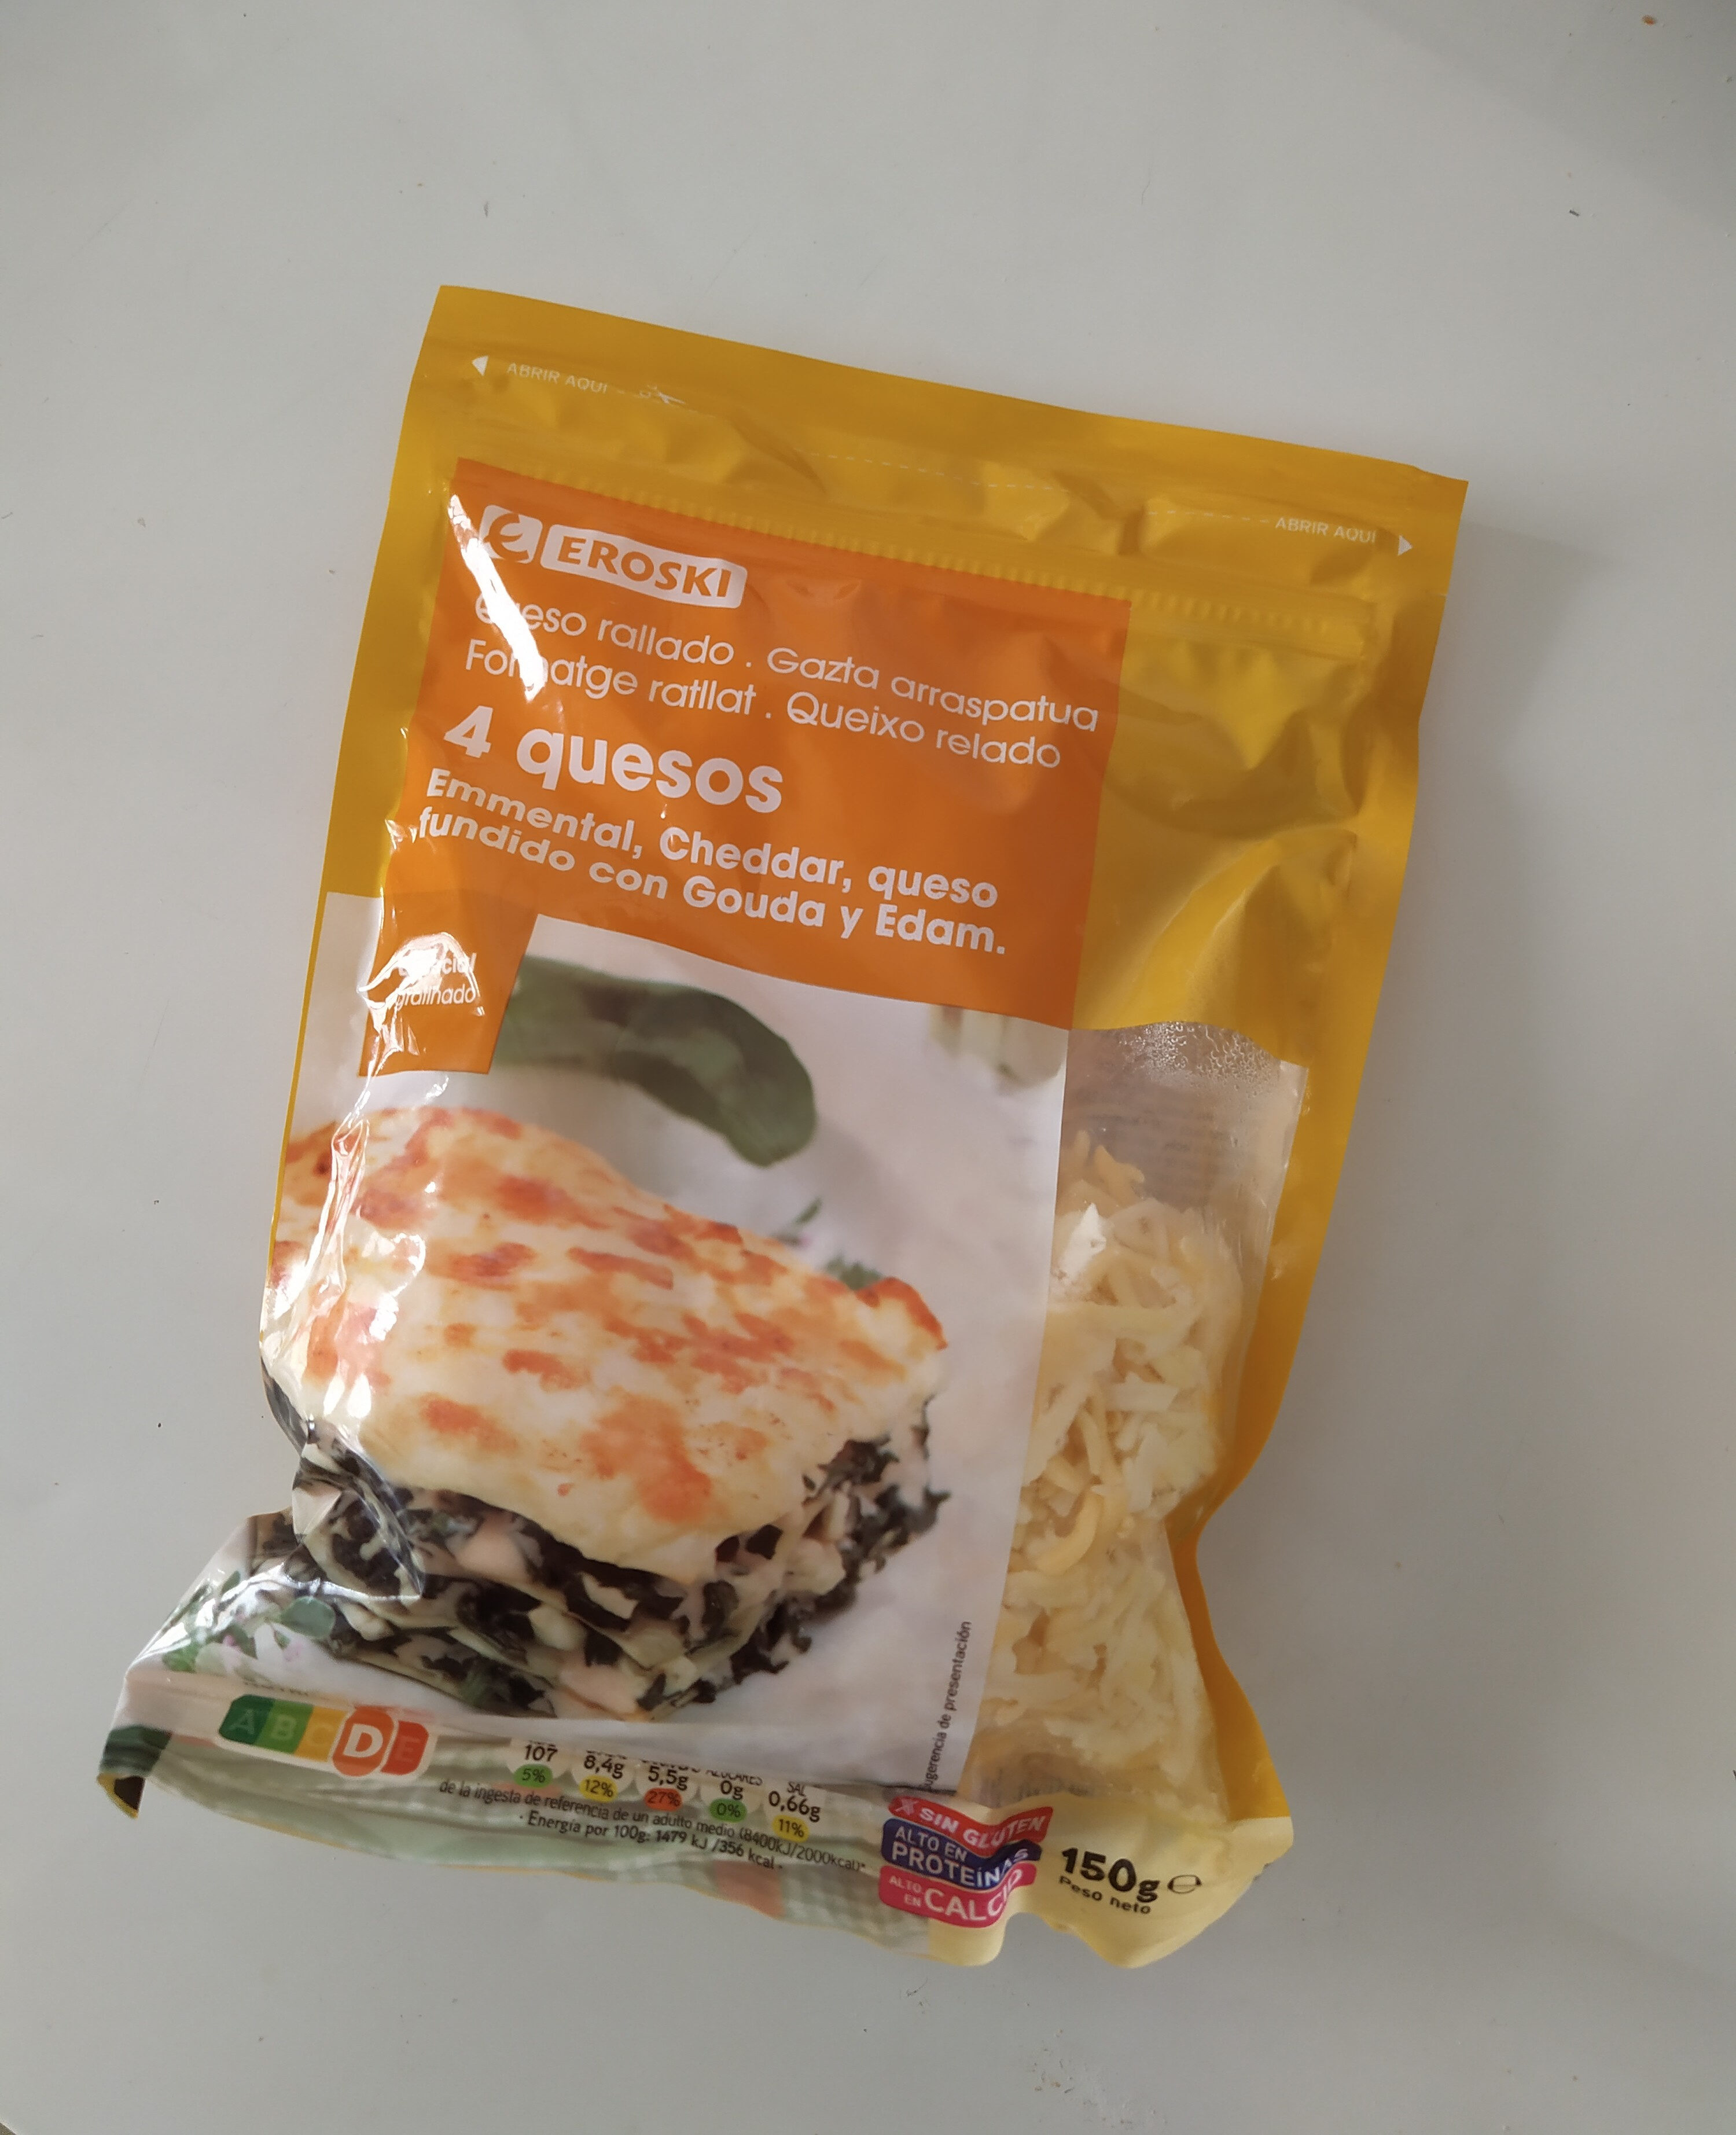 Queso rallado 4 quesos - Producto